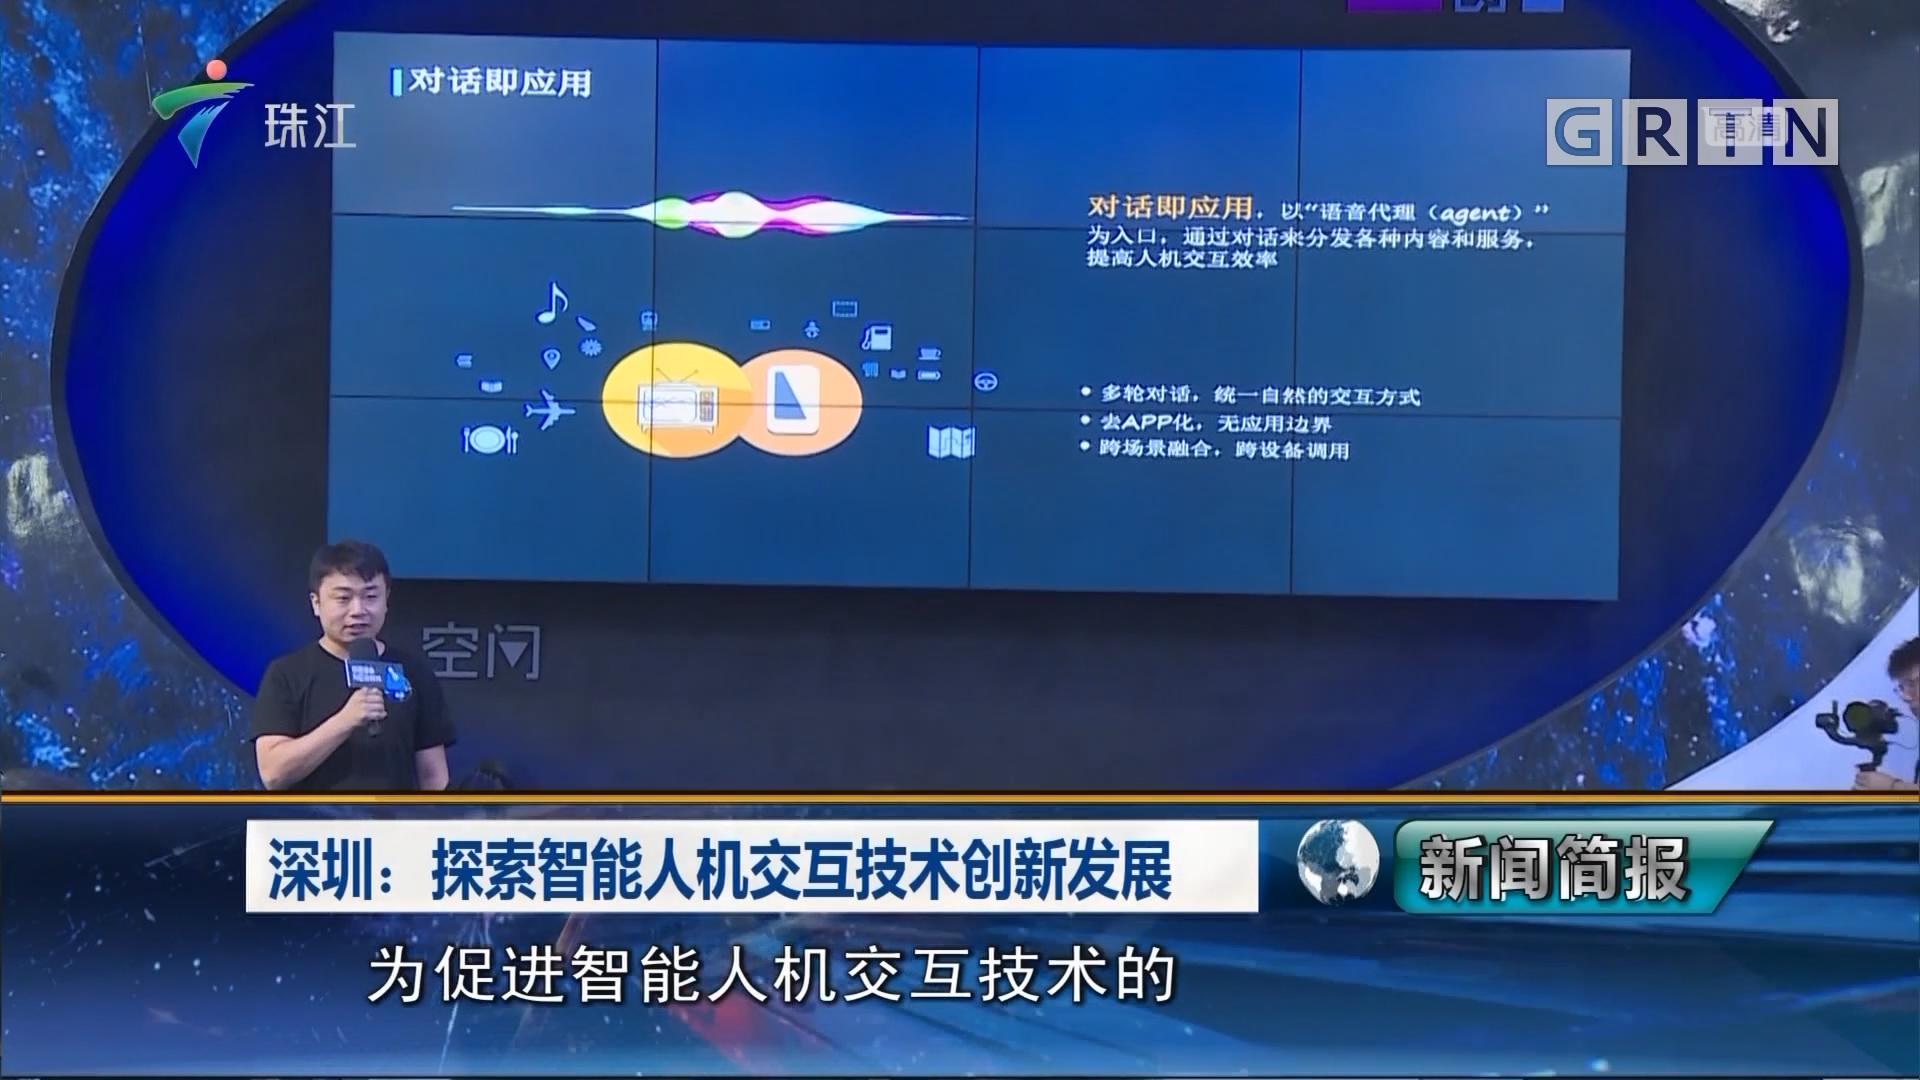 深圳:探索智能人机交互技术创新发展